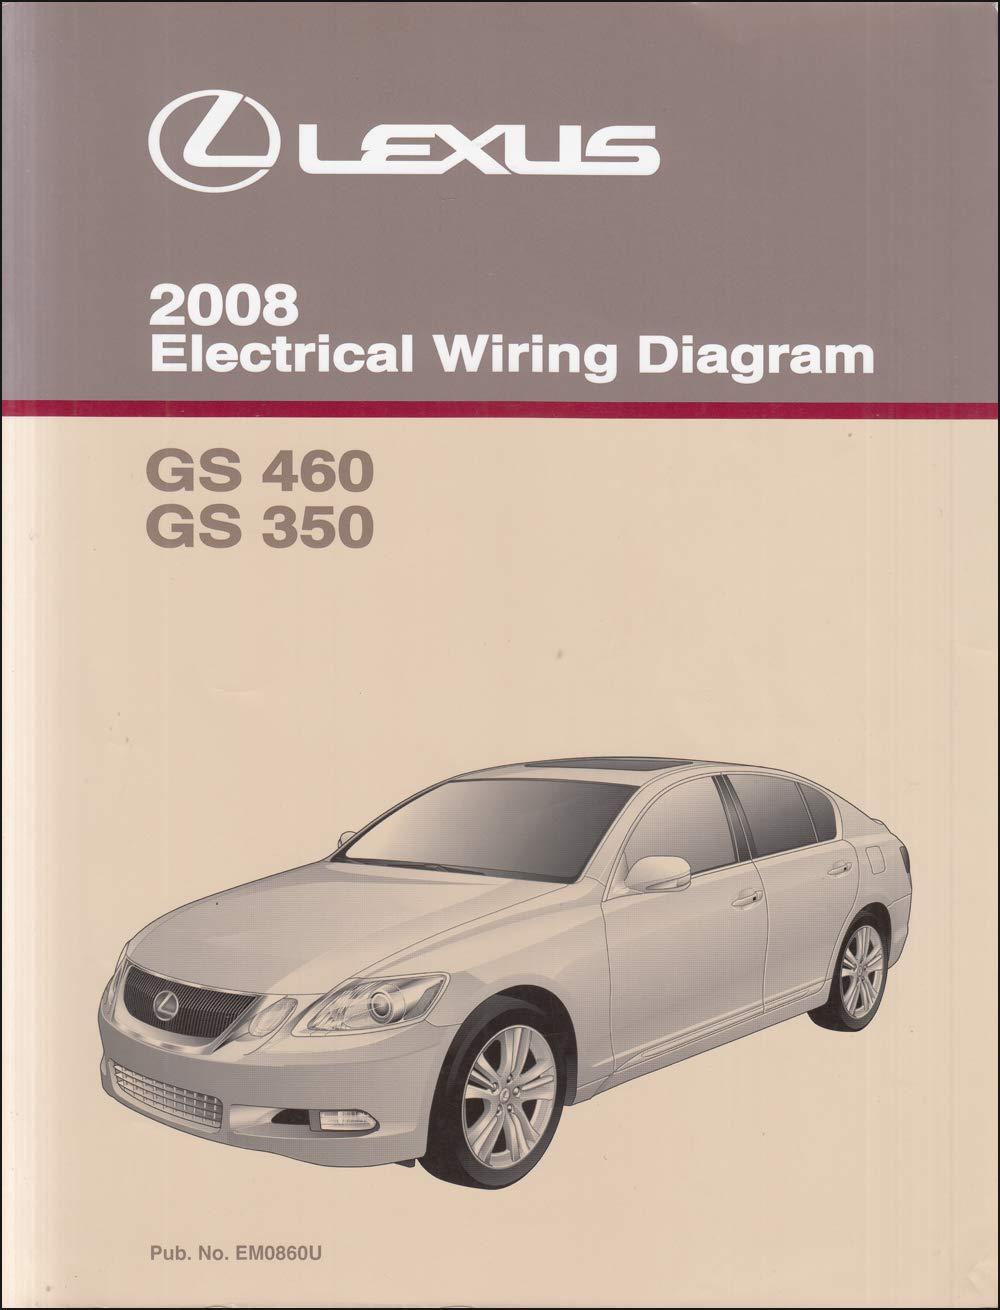 2008 lexus gs 350 and gs 460 wiring diagram manual: lexus: amazon.com: books  amazon.com